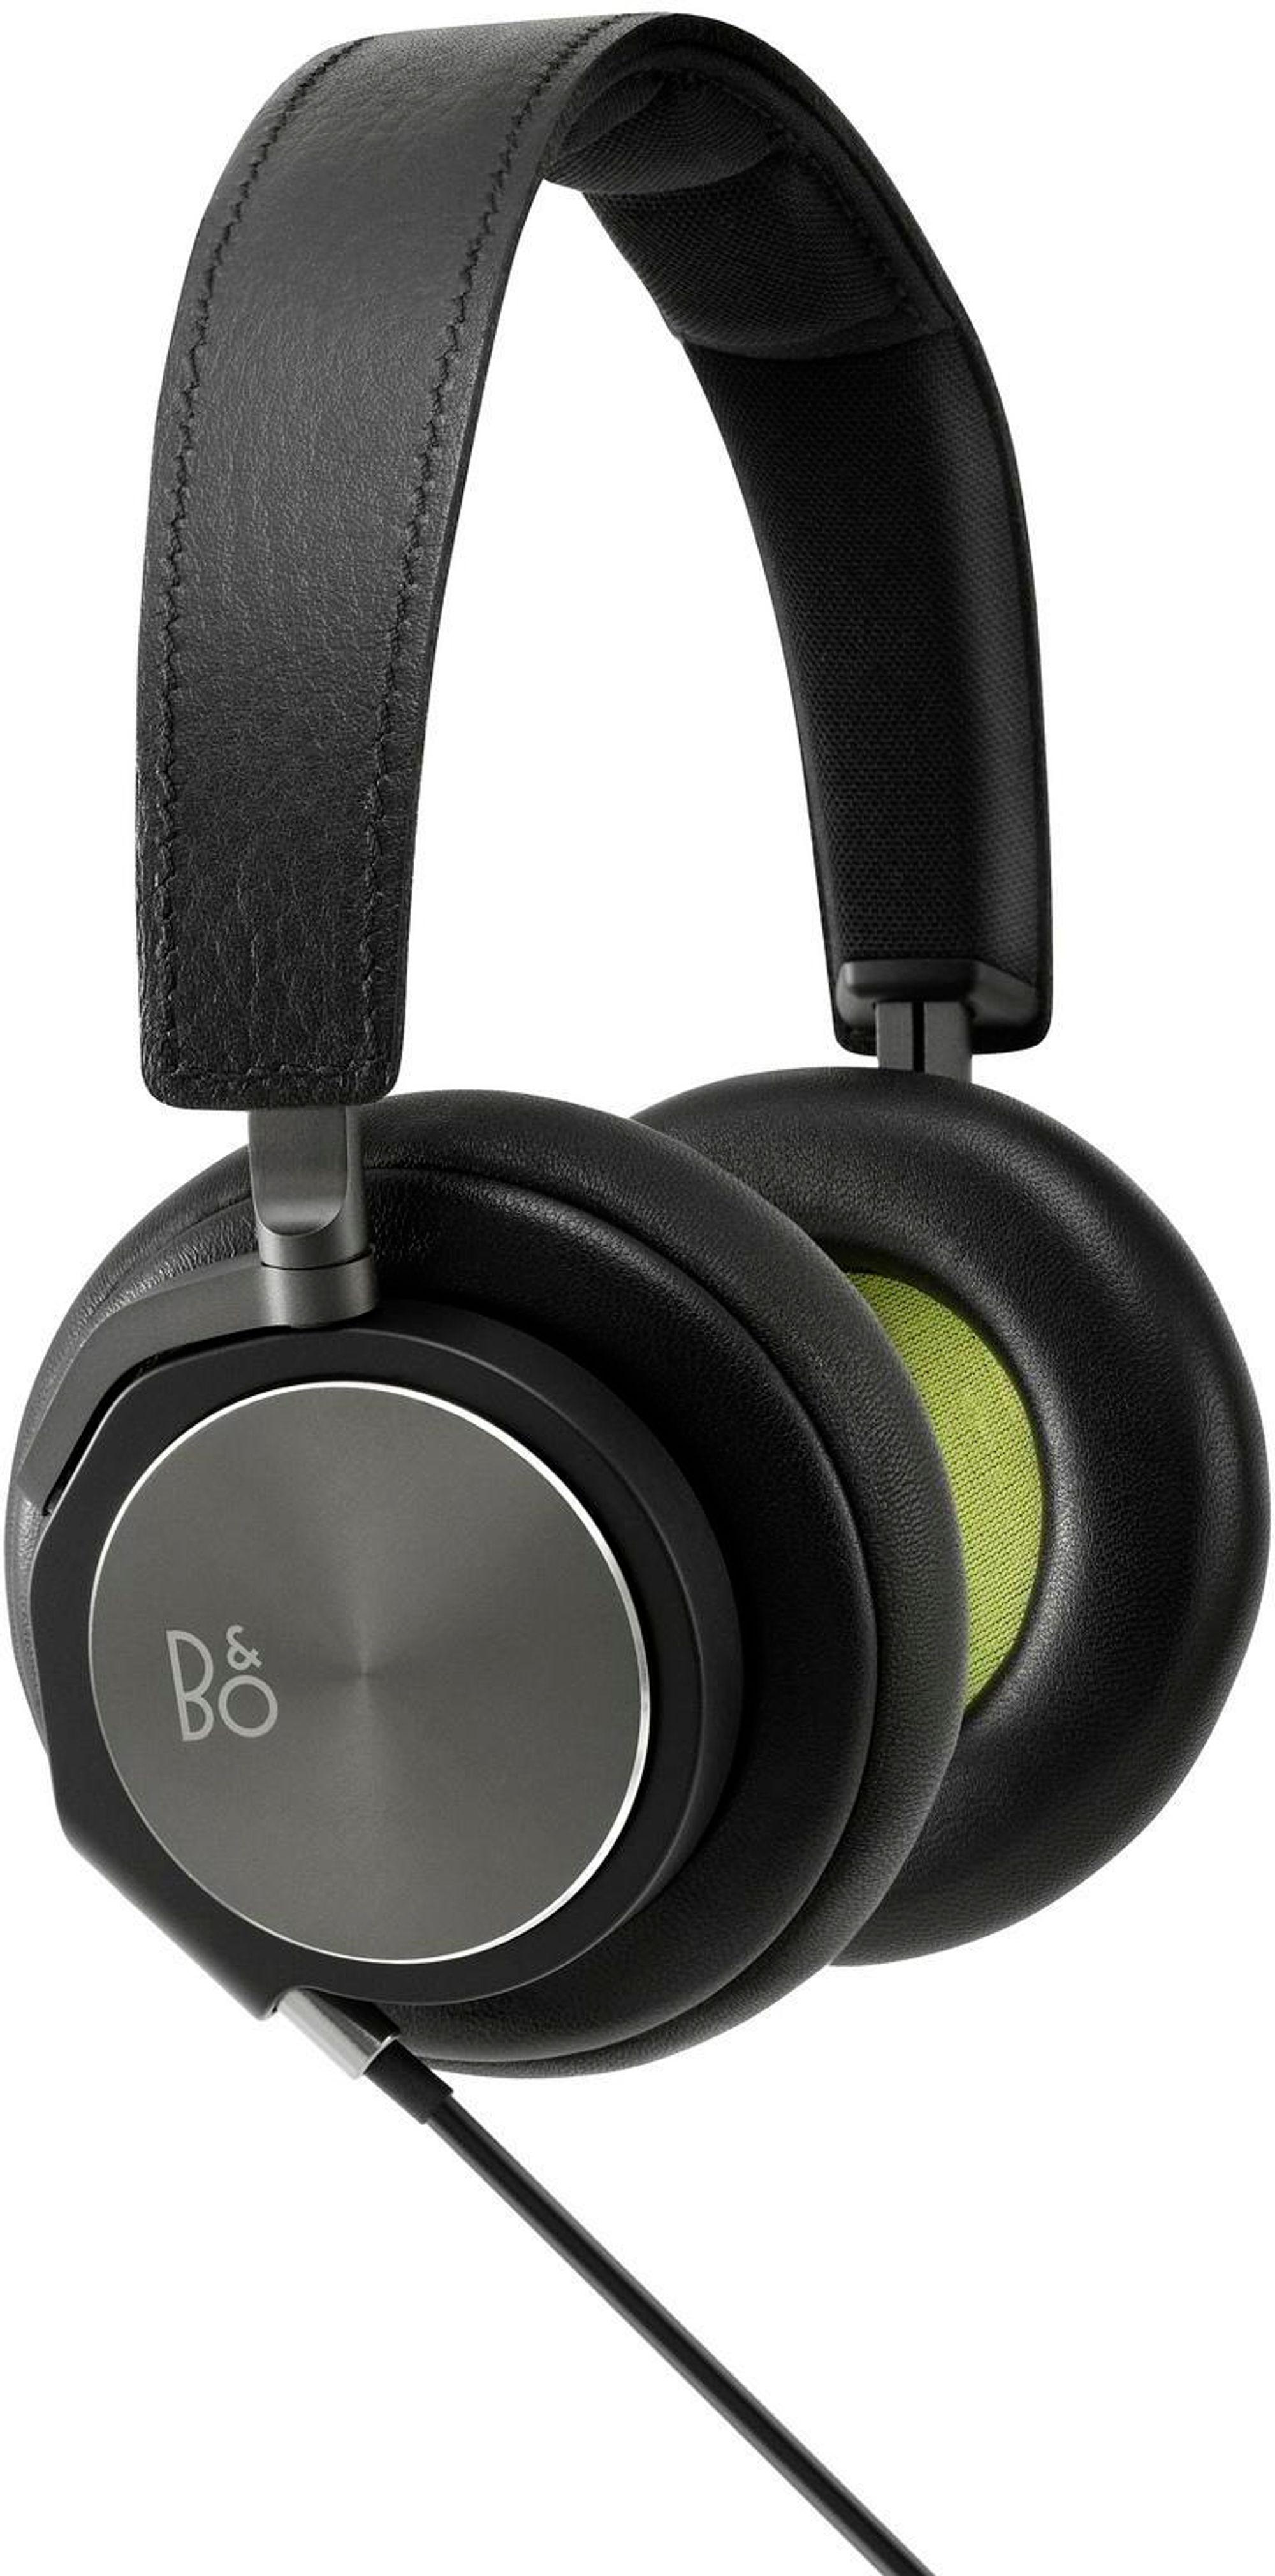 bang olufsen beoplay h6 priser tester og tilbud hodetelefoner. Black Bedroom Furniture Sets. Home Design Ideas